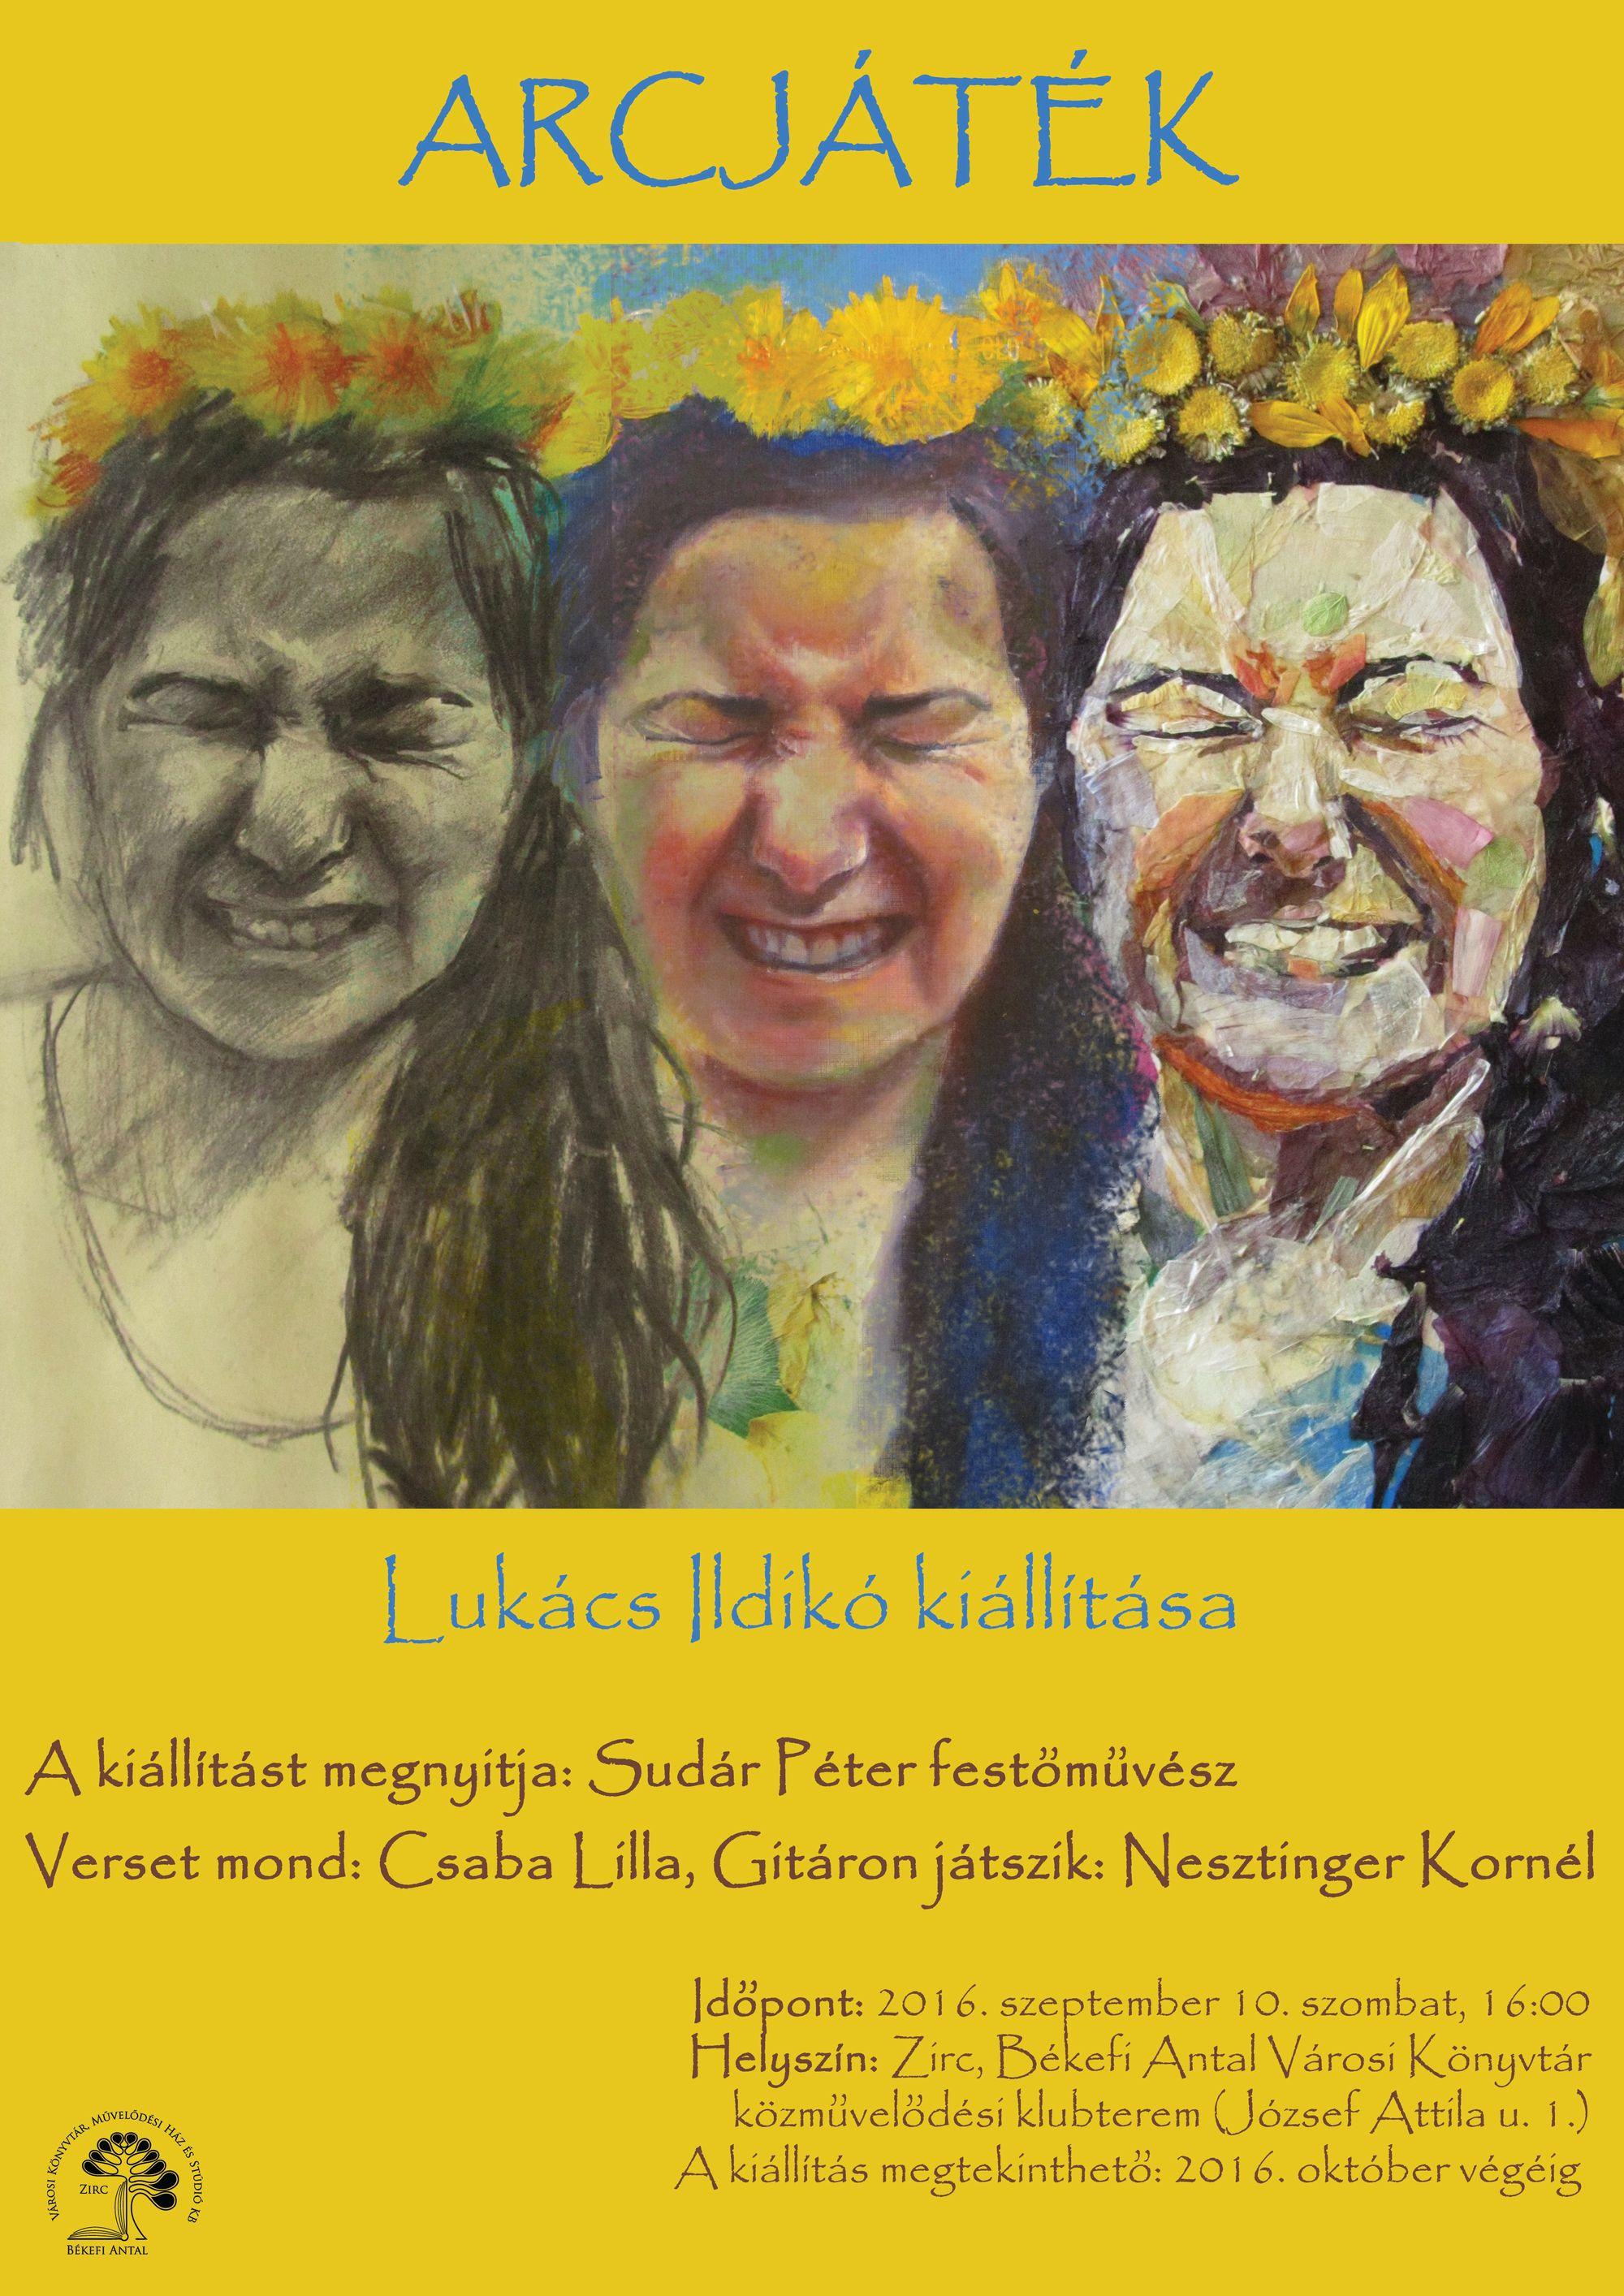 2016-09-10_lukacs_ildiko_arcjatek.jpg